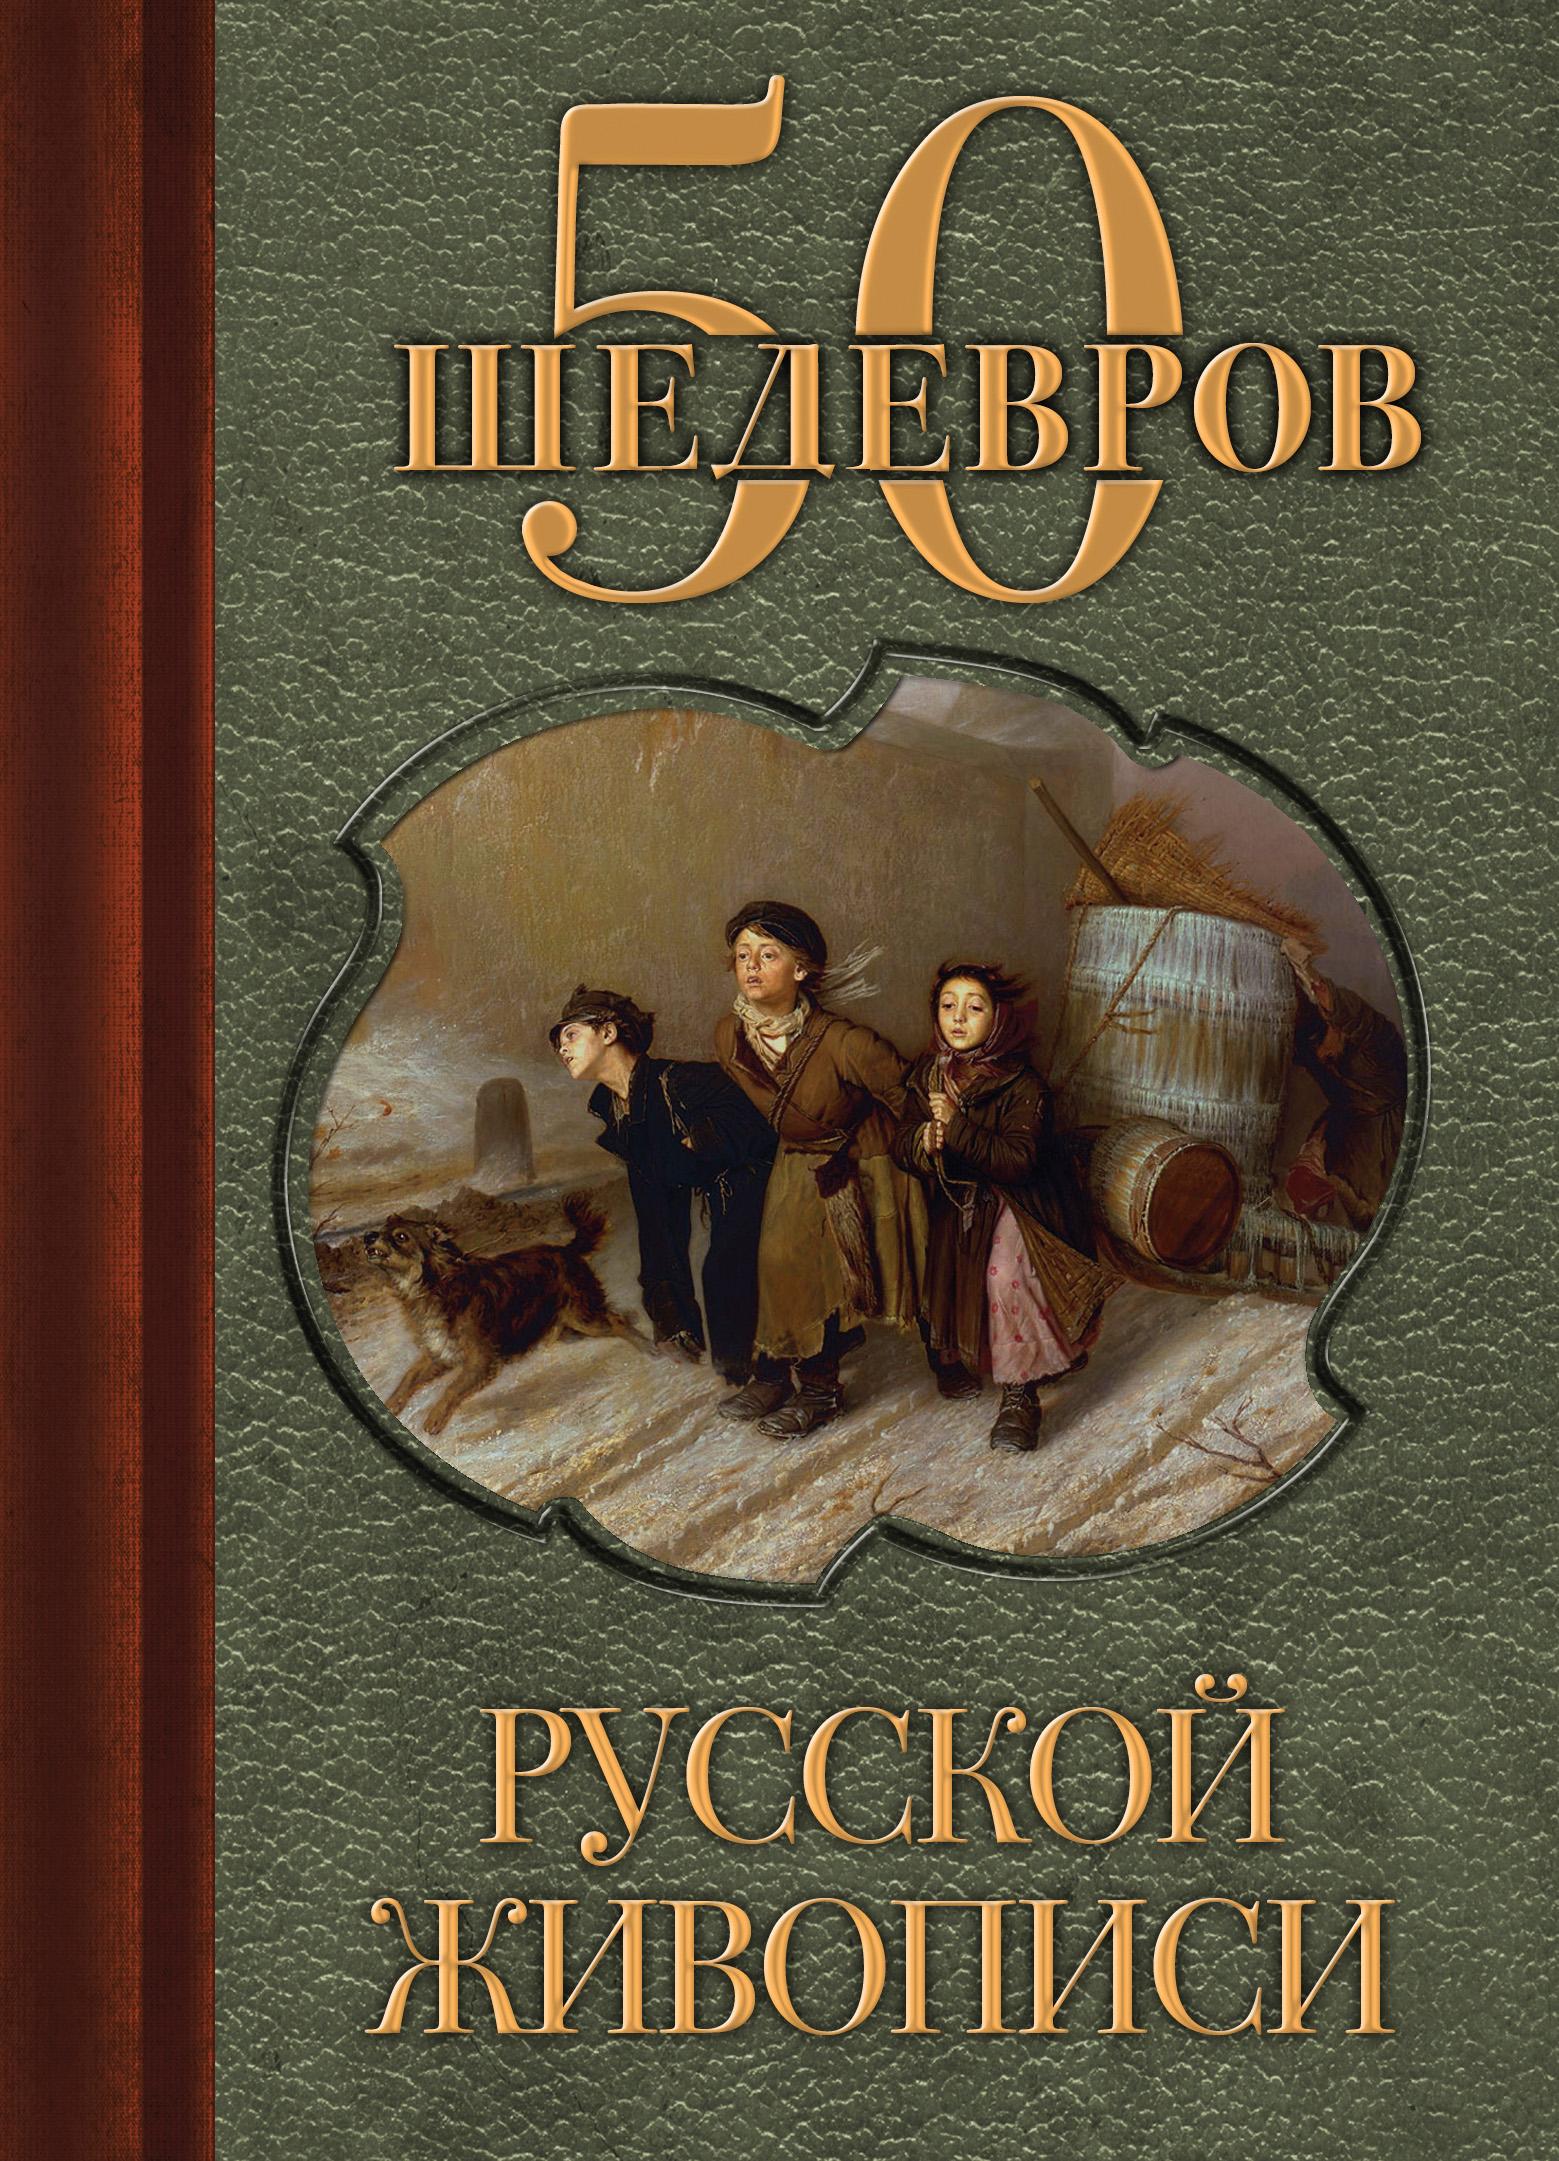 50 шедевров русской живописи